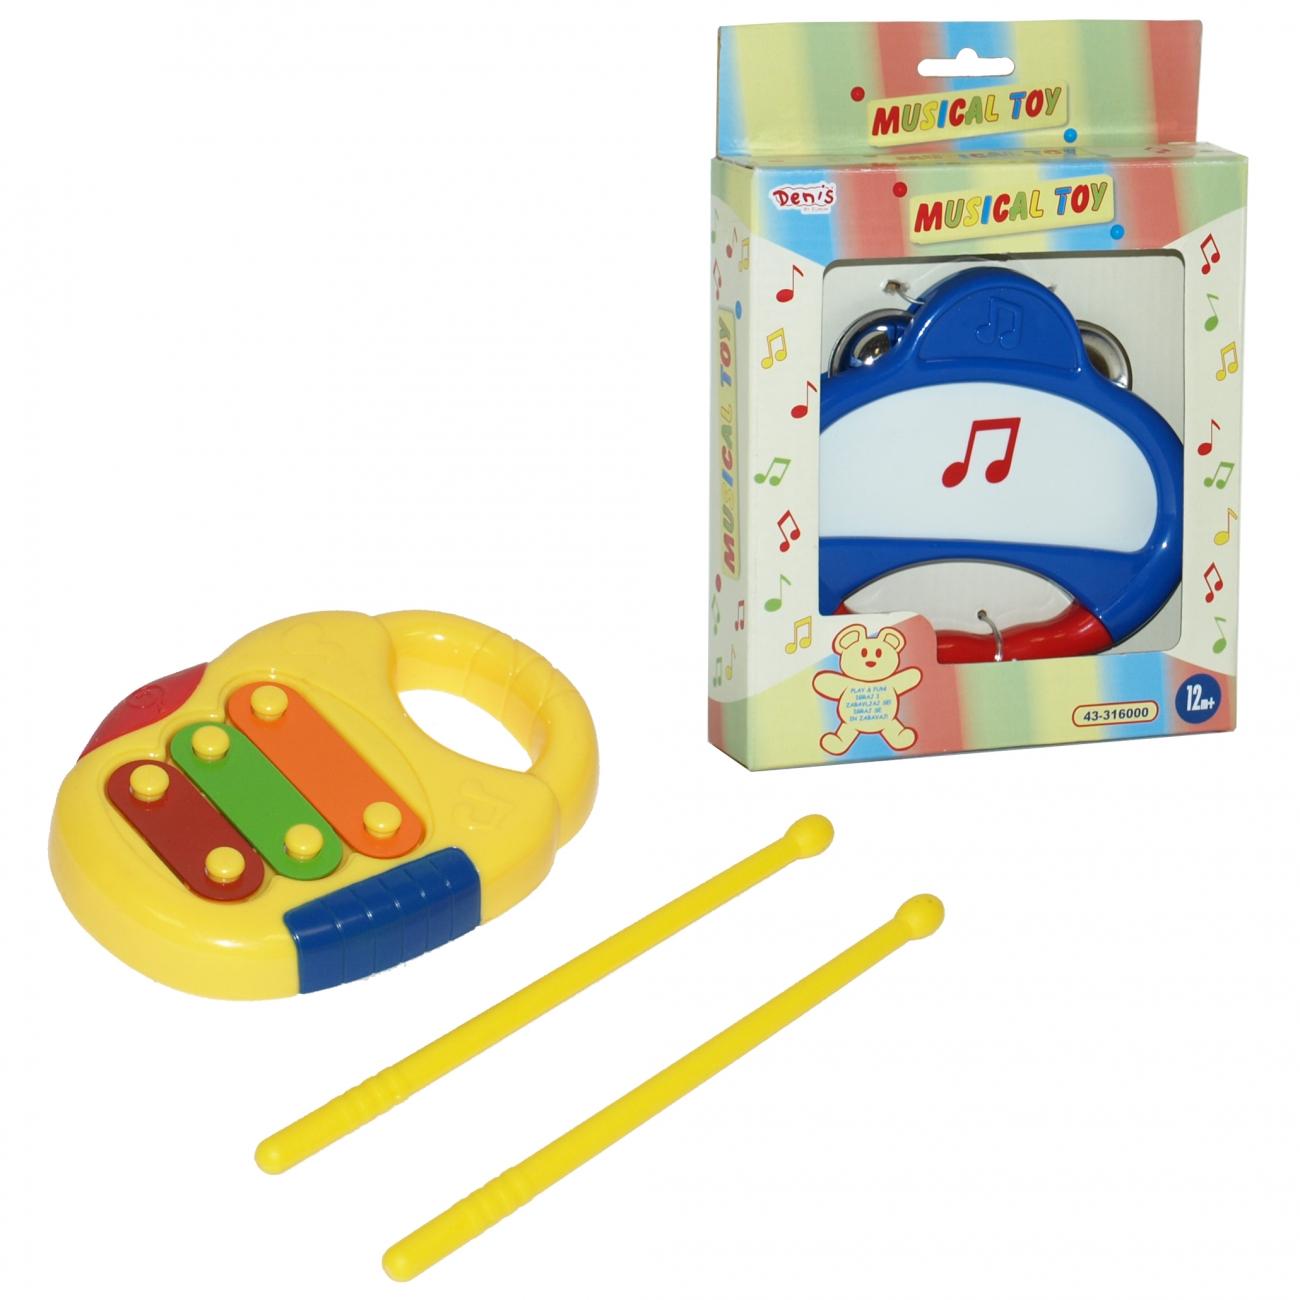 Muzički instrument 2 vrste ( 43-316000 )